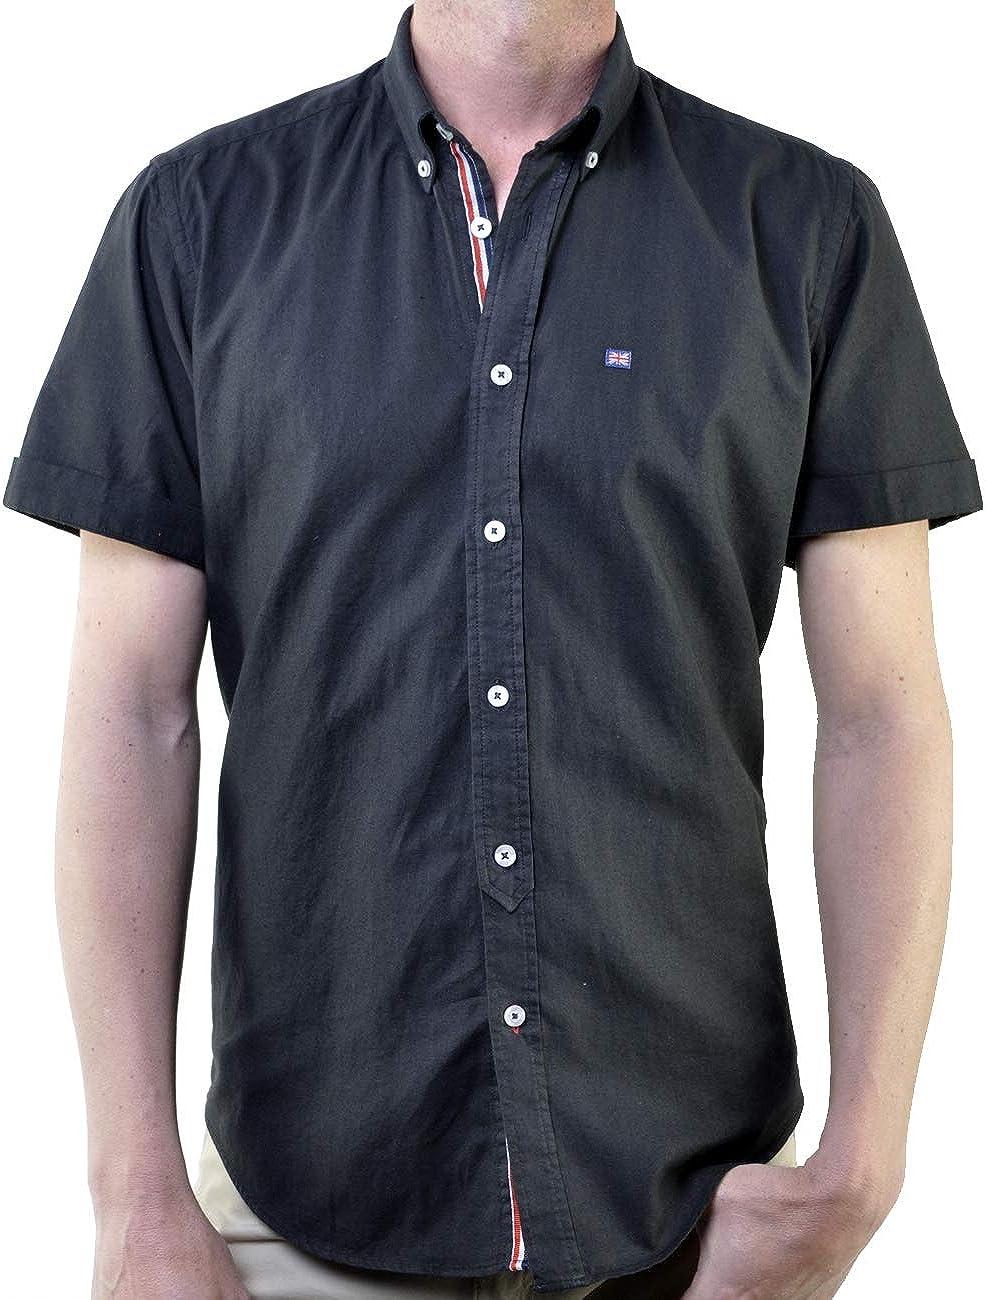 SCOTT MILLER London Camisa Hombre Manga Corta Mod. Linen Color Negro: Amazon.es: Ropa y accesorios